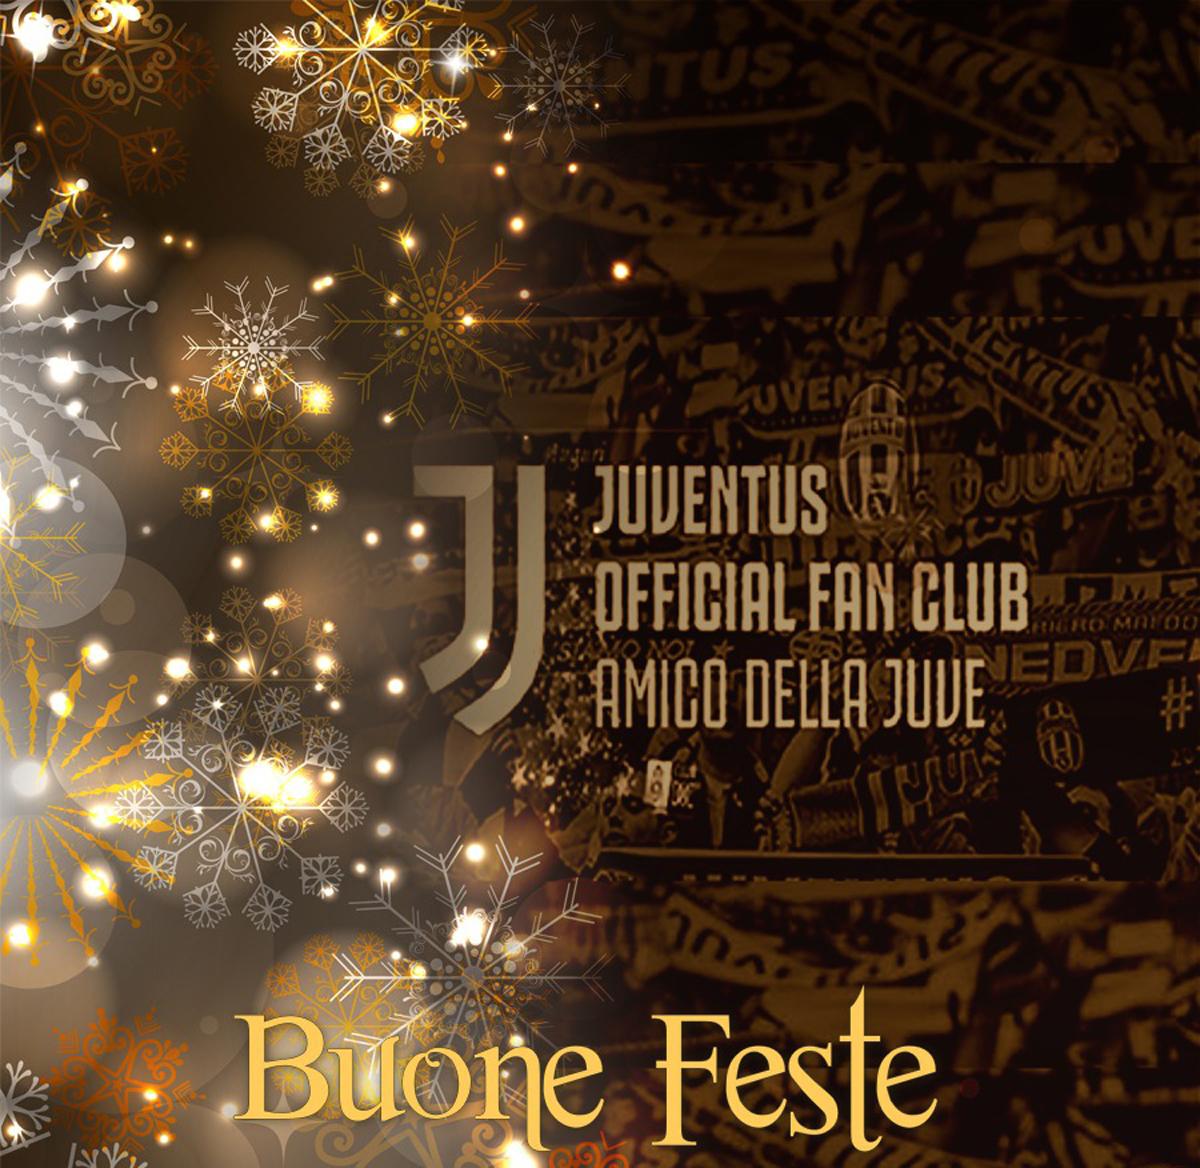 Auguri Di Buon Natale Juve.Buone Feste Juventus Official Fan Club Amico Della Juve